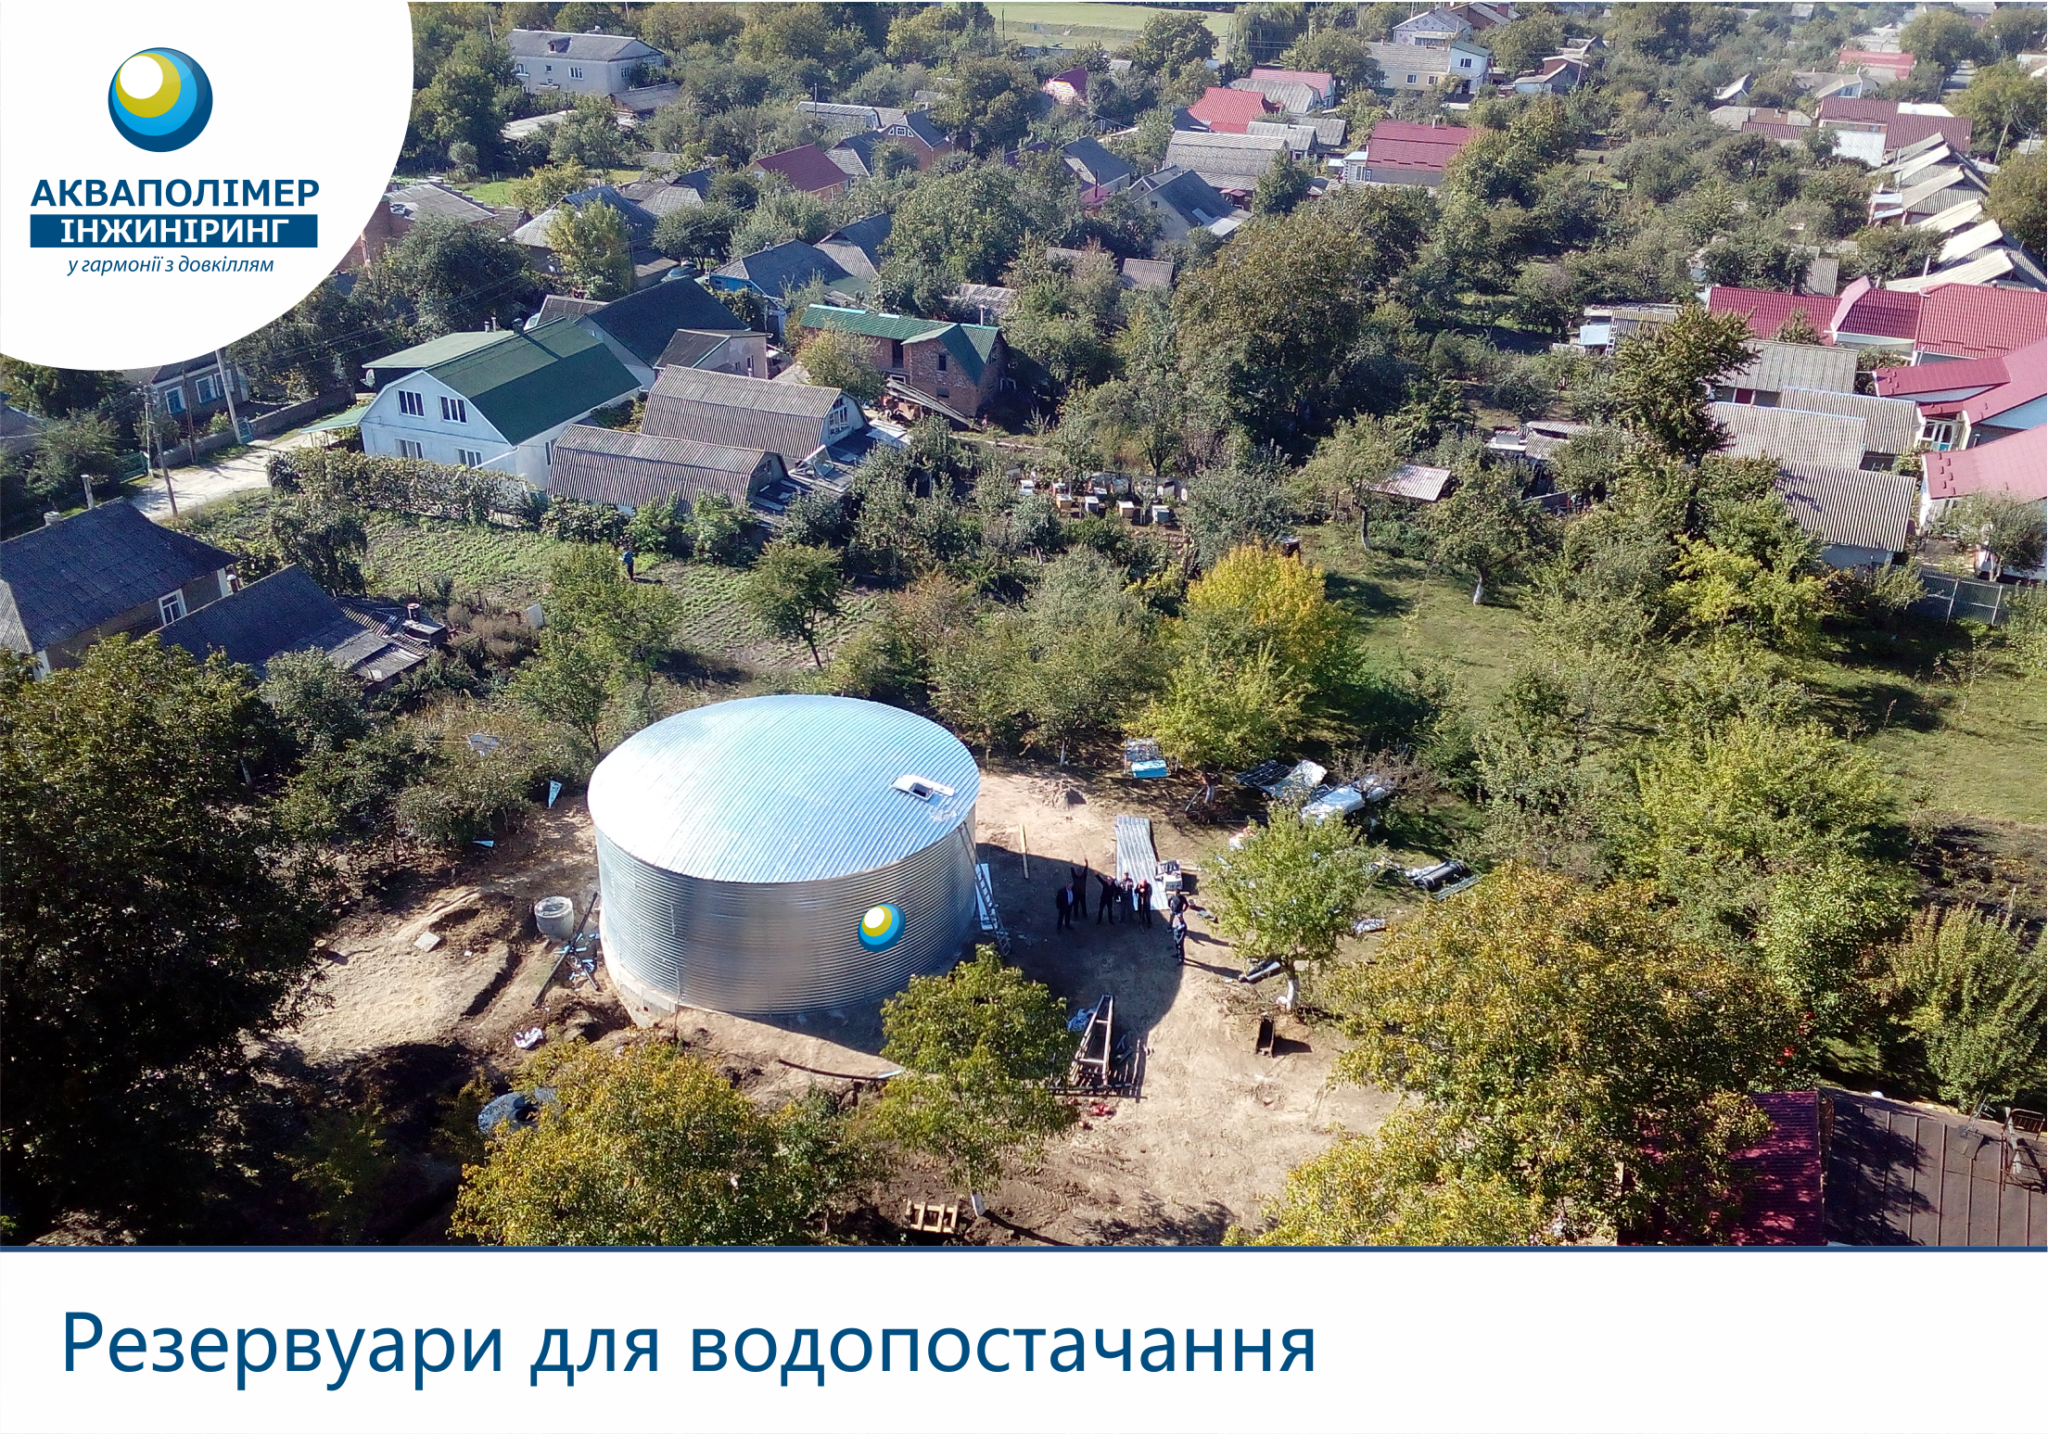 резервуари для водопостачання